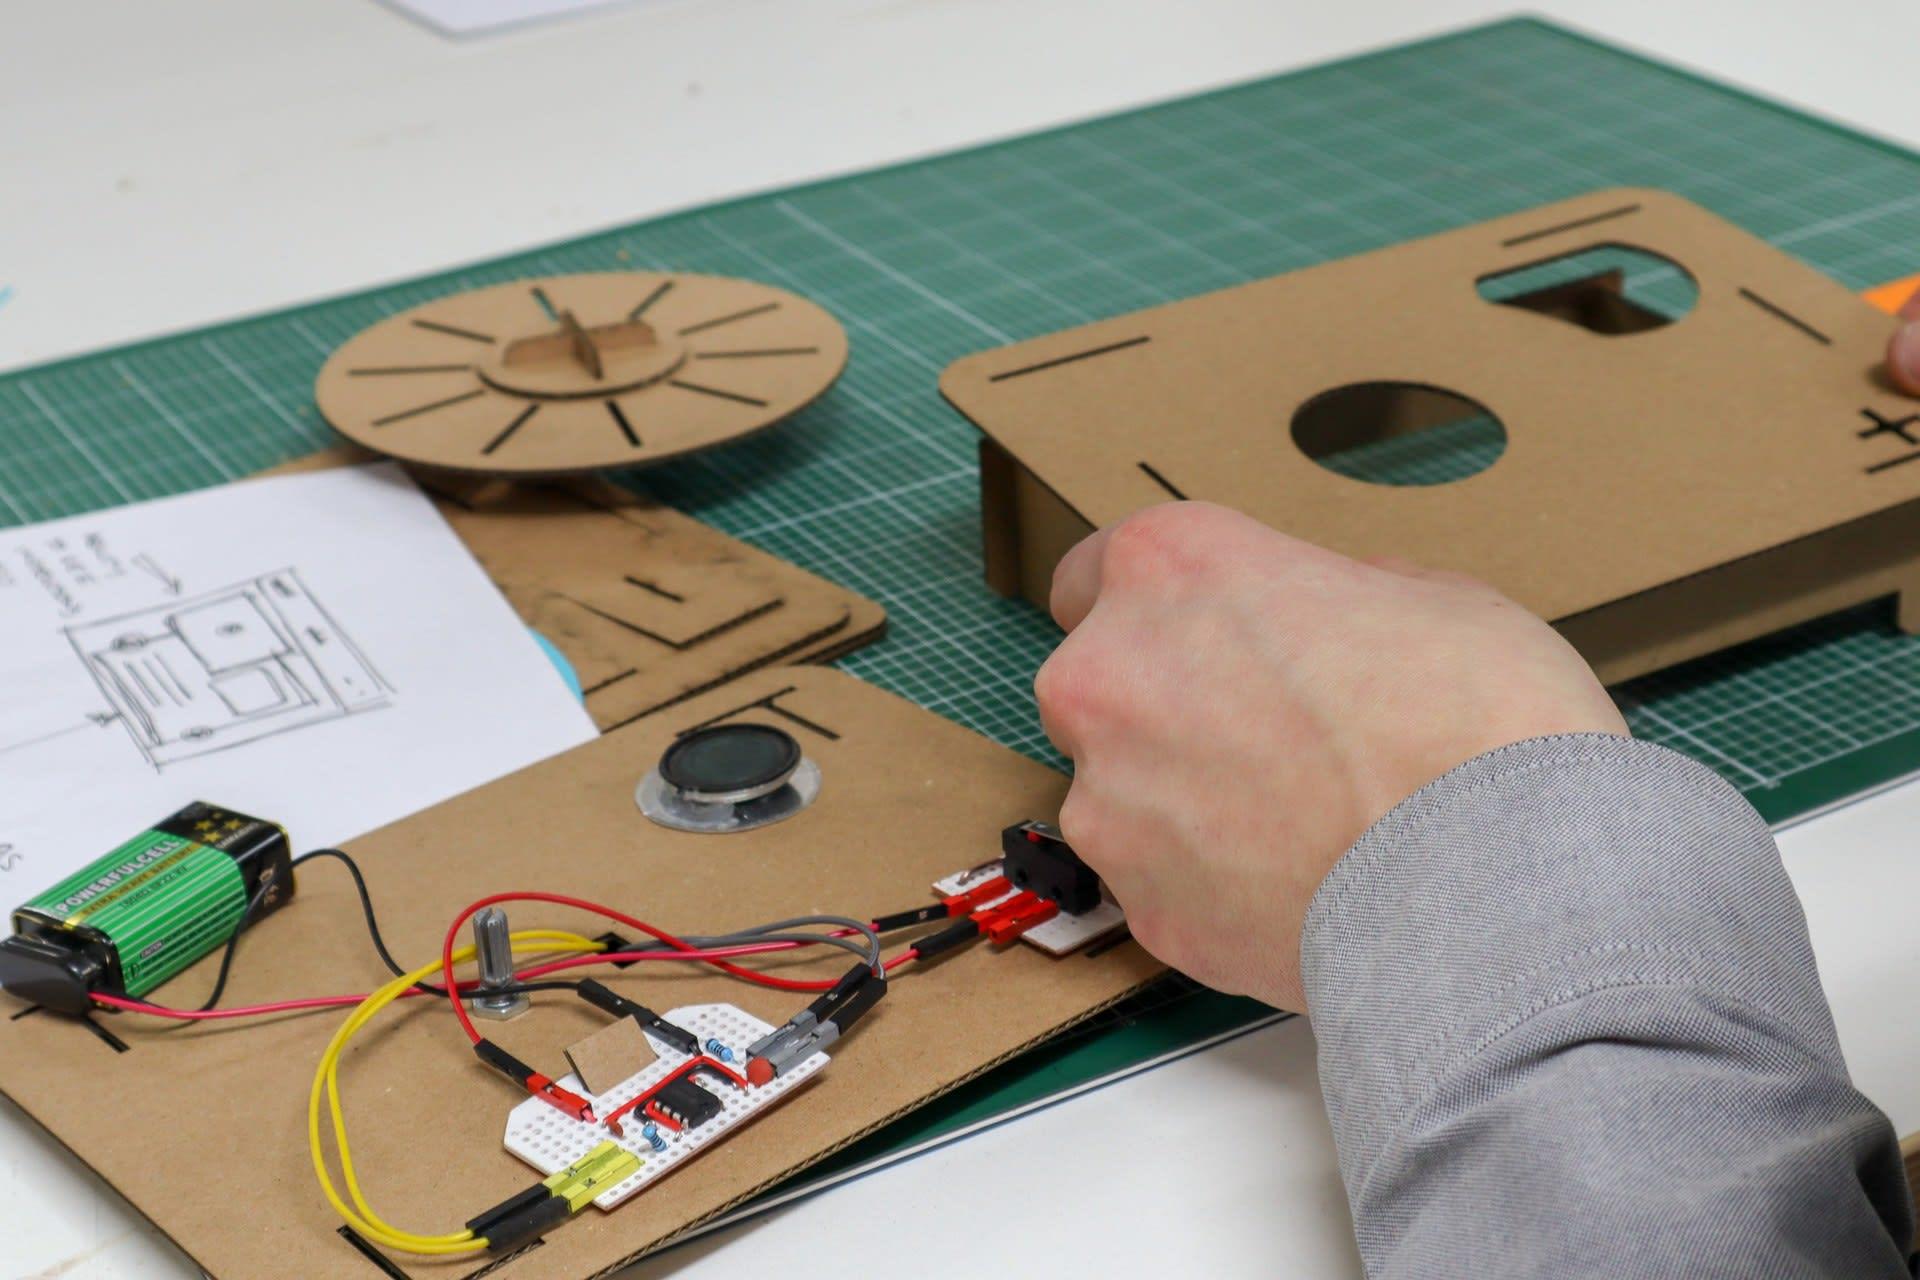 Make Something prototyping